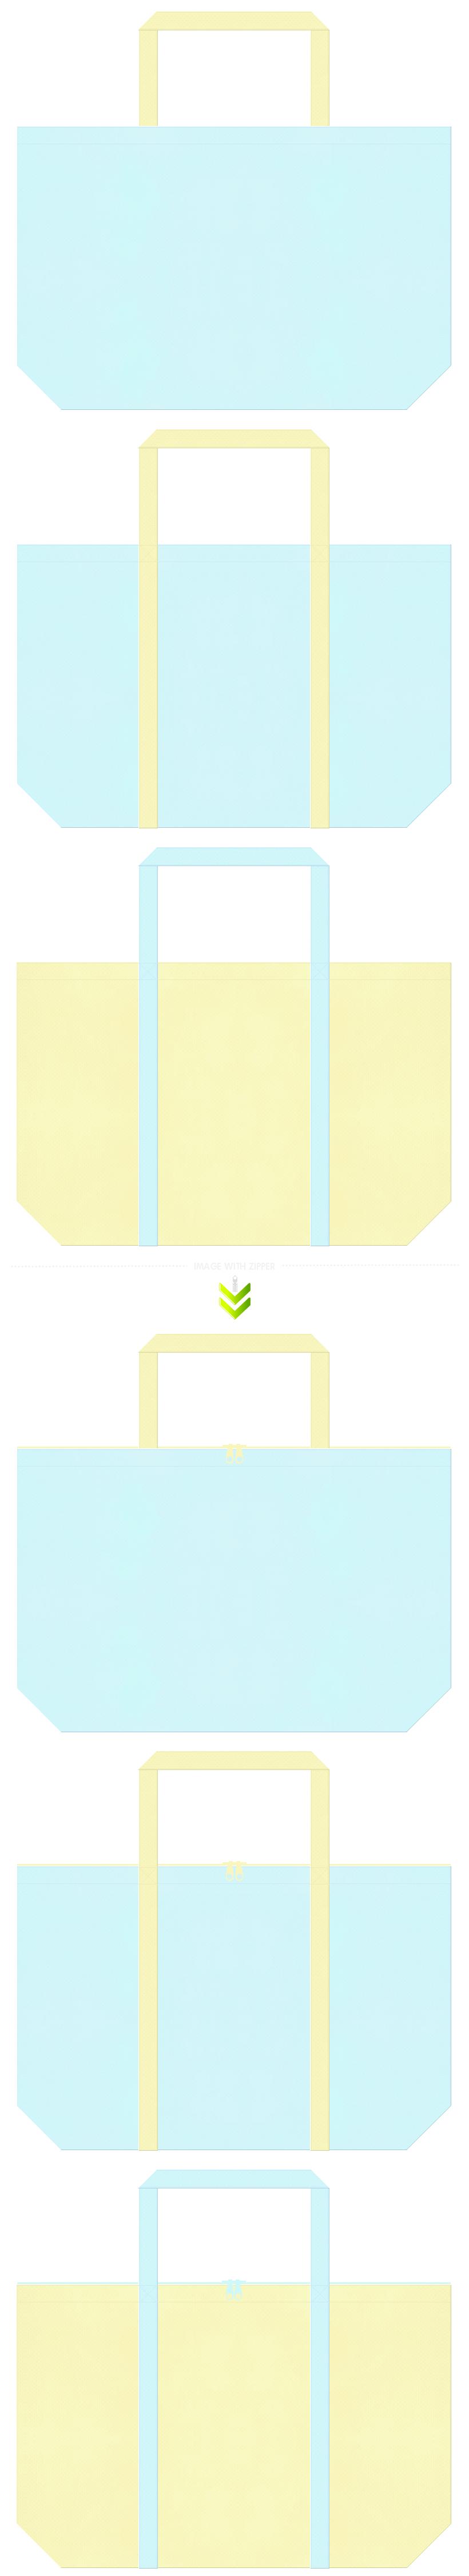 水色と薄黄色の不織布エコバッグのデザイン。バス用品の展示会用バッグにお奨めです。ガーリーなイメージに。